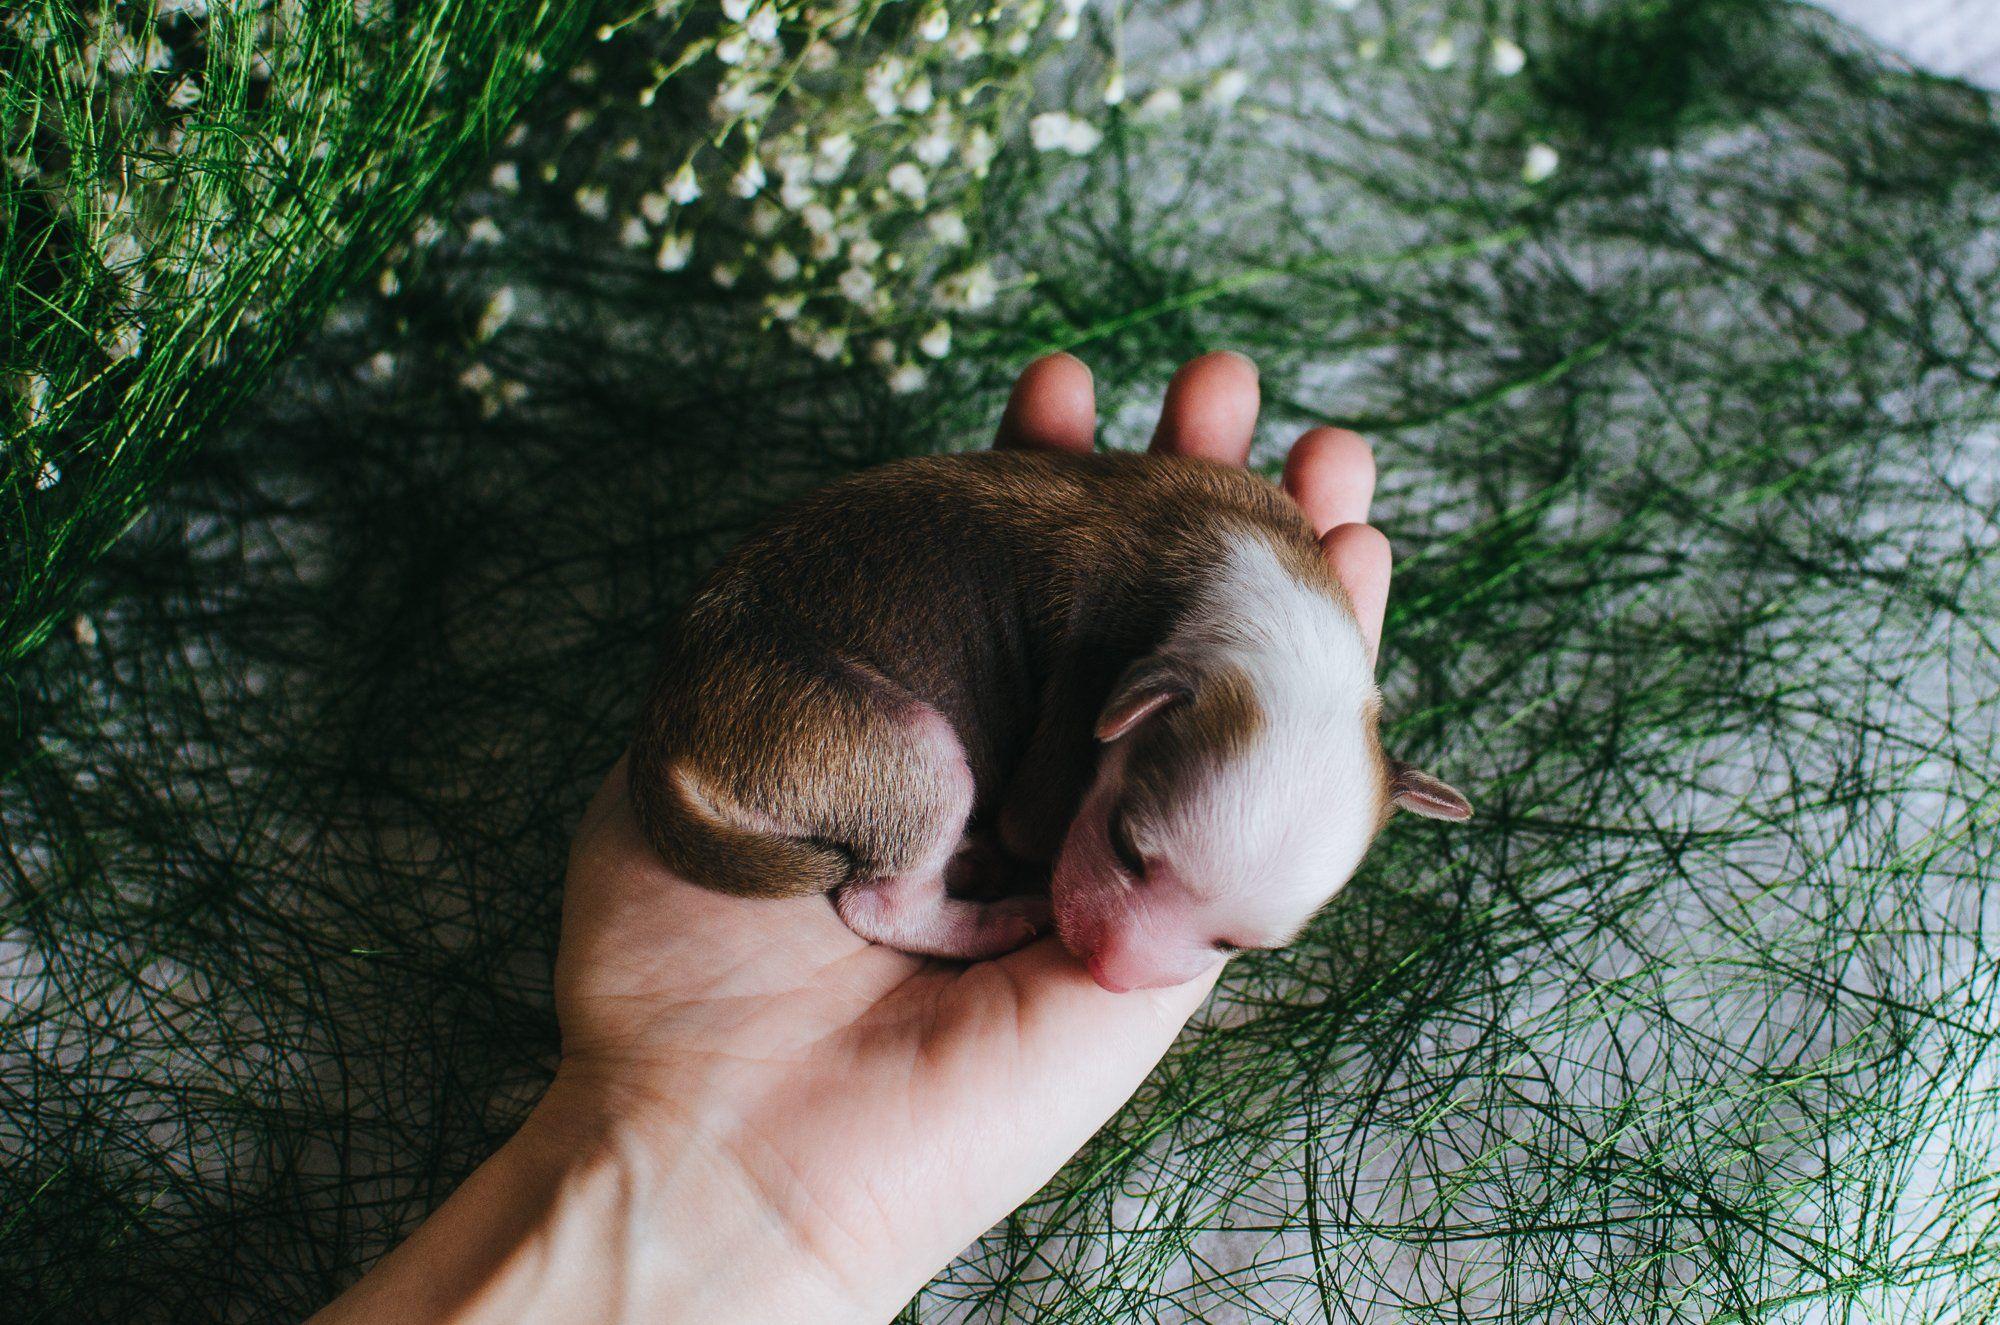 щенок, ладонь,зеленый, Юлия Булыня